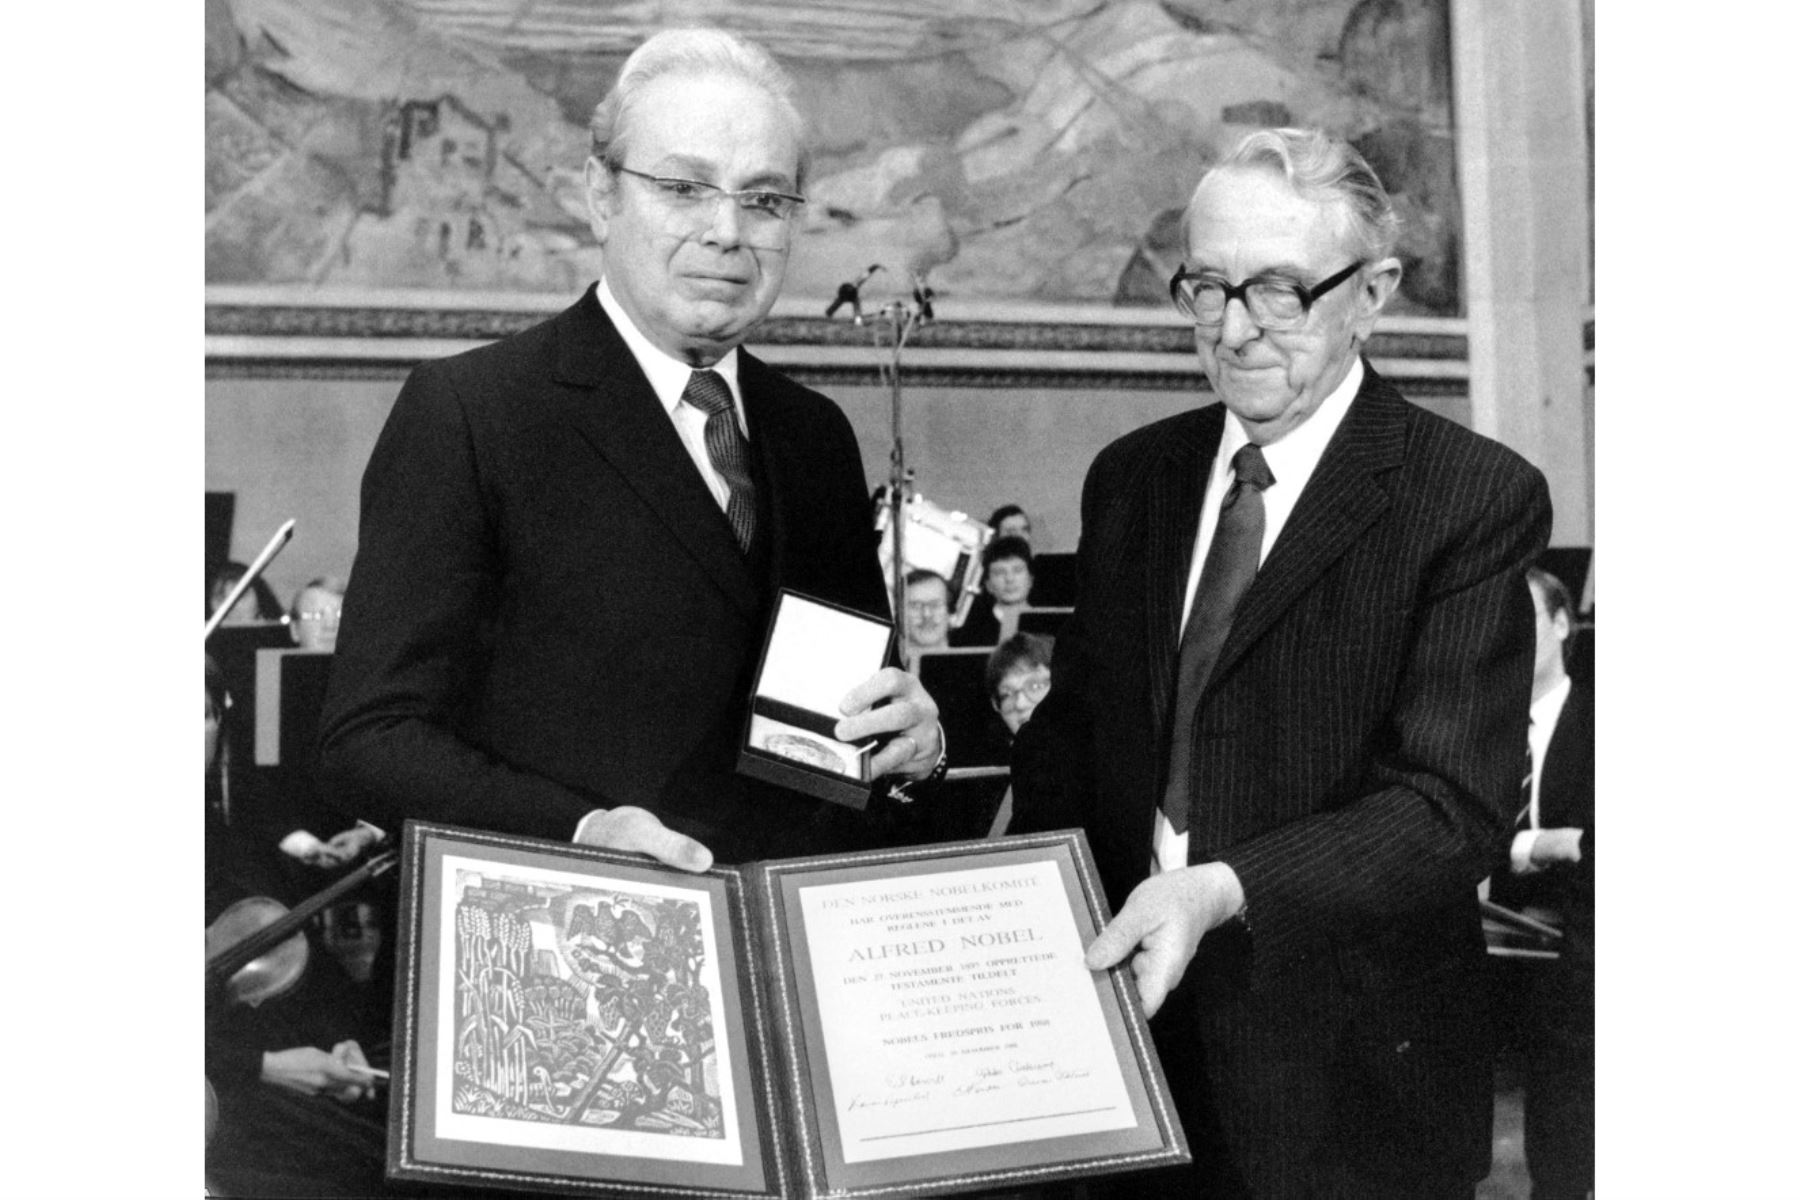 El secretario general de la ONU, Javier Pérez de Cuellar (izq.), y el presidente del comité del Premio Nobel de la Paz, Egil Aarvik, entregan el premio a las fuerzas de paz de la ONU el 10 de diciembre de 1998 en Oslo. Foto: AFP